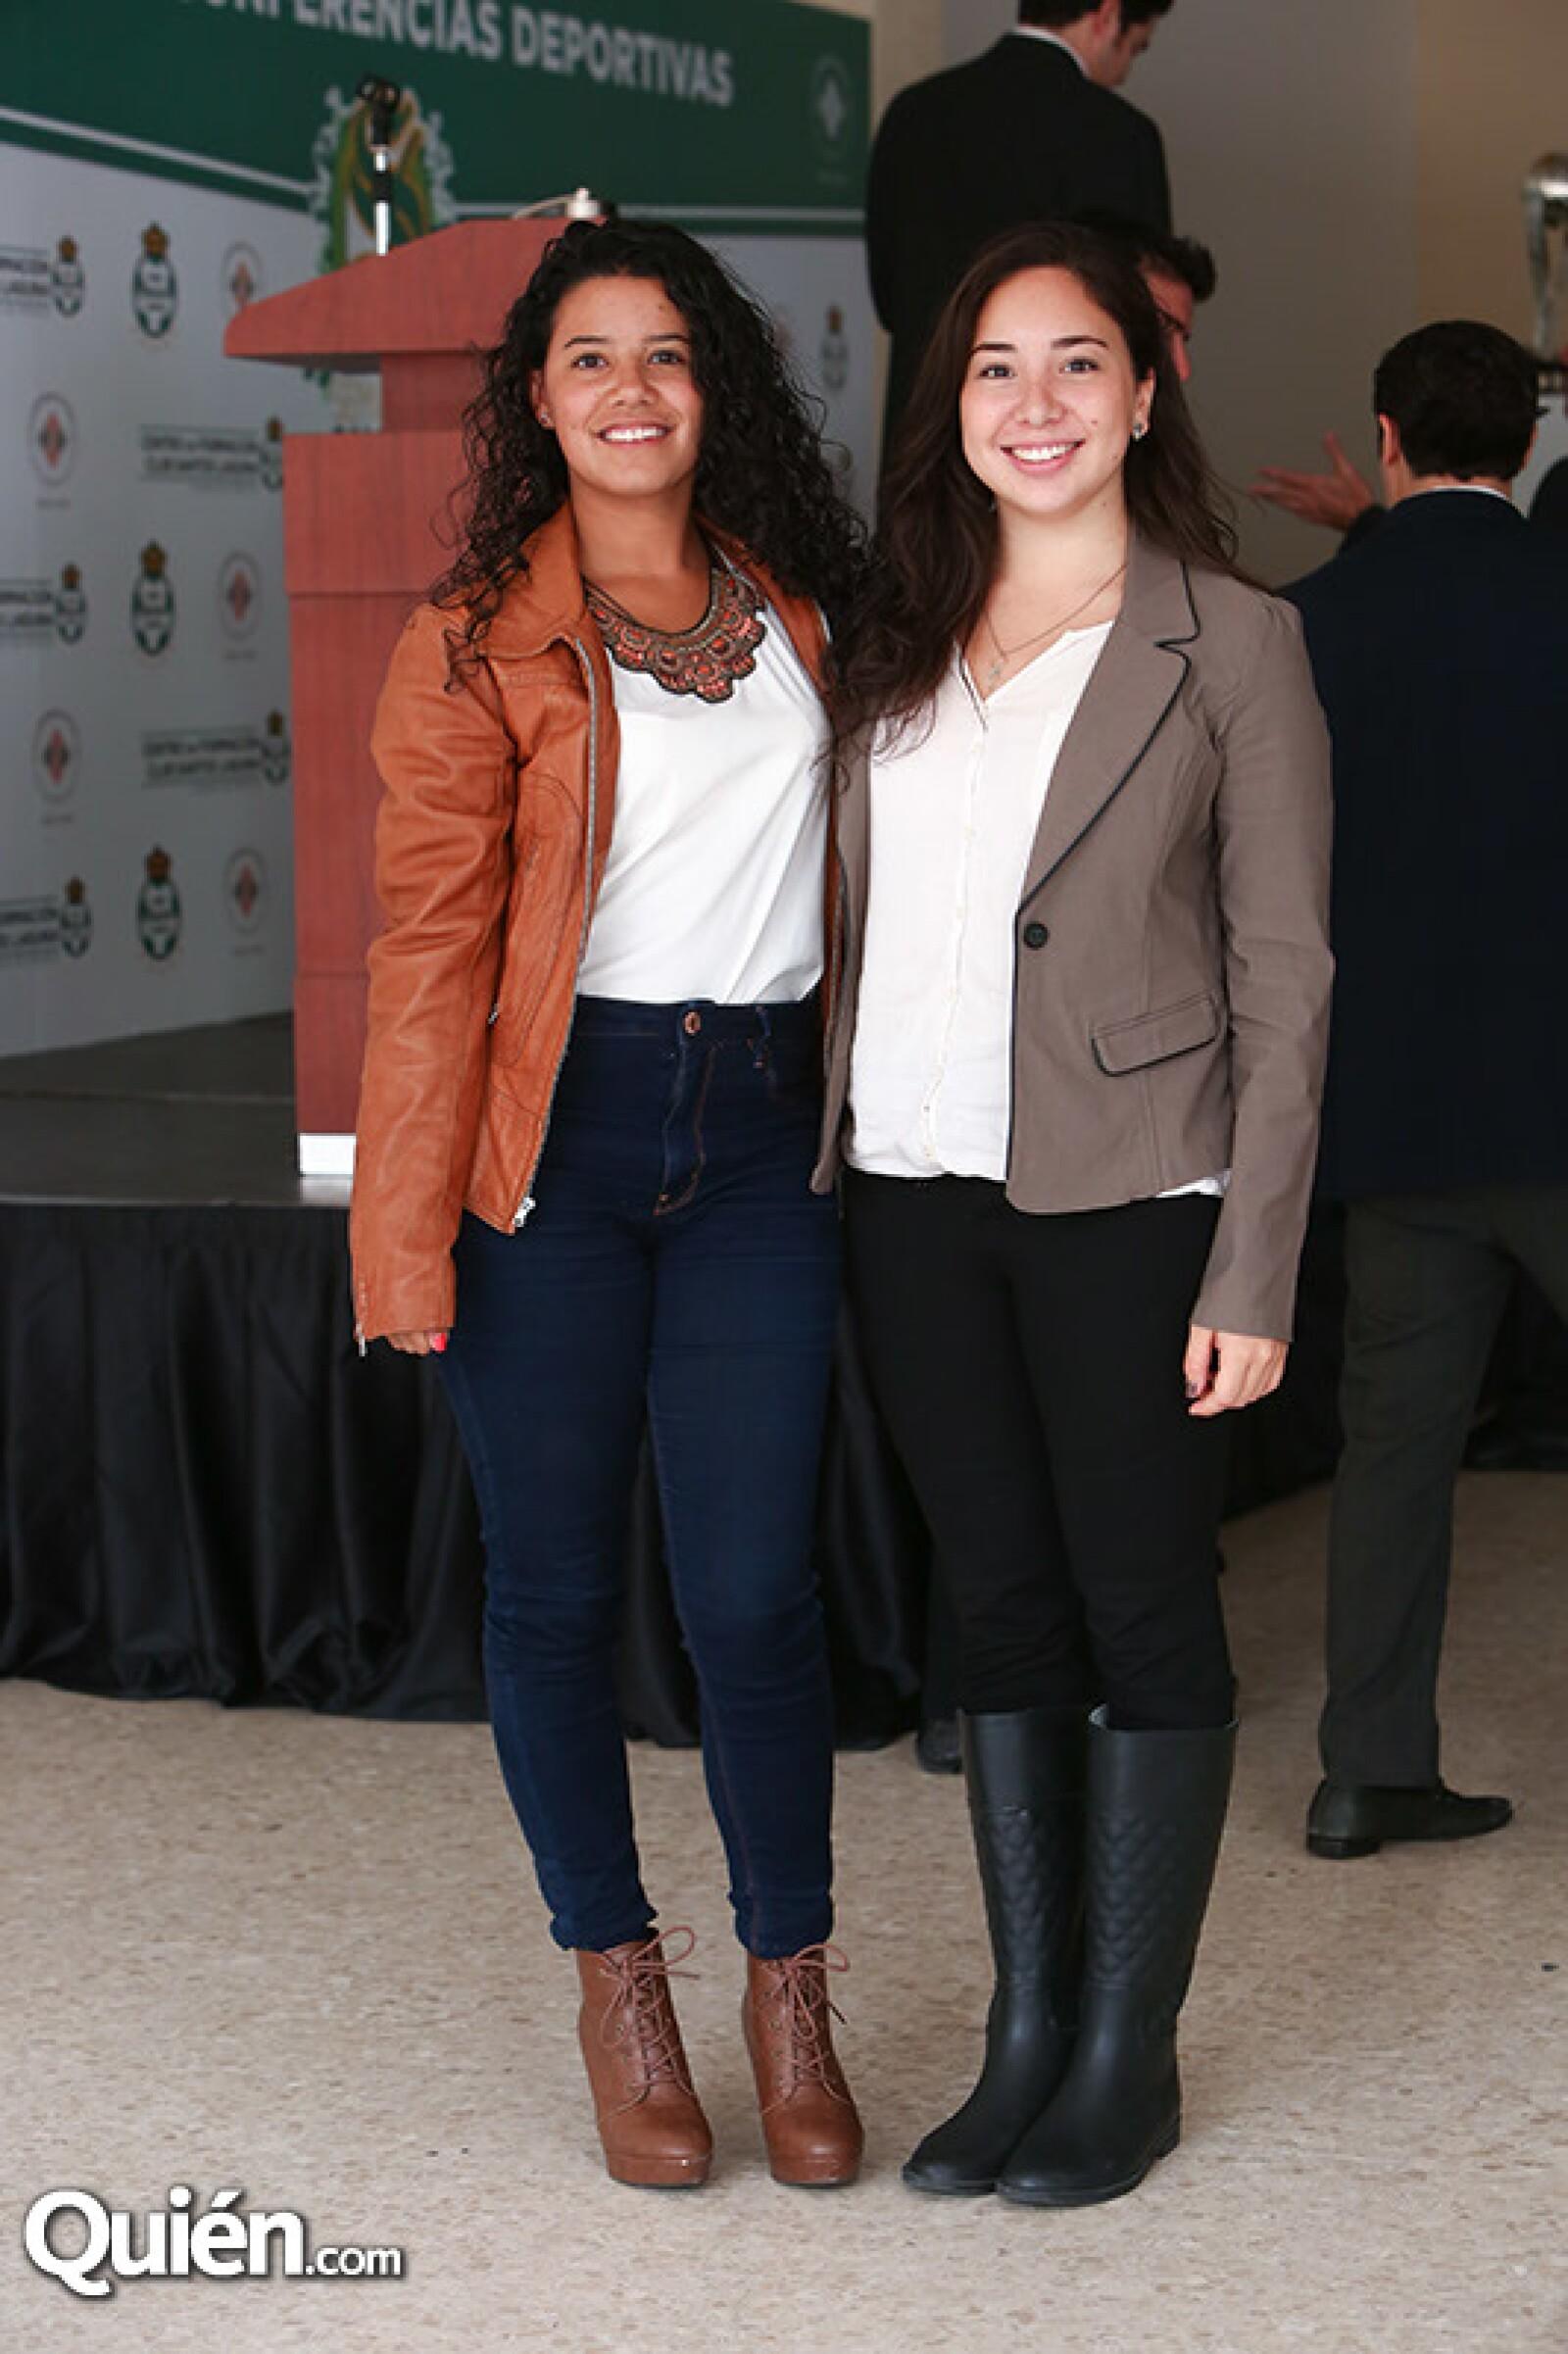 Juliana García y Andrea Ricardes